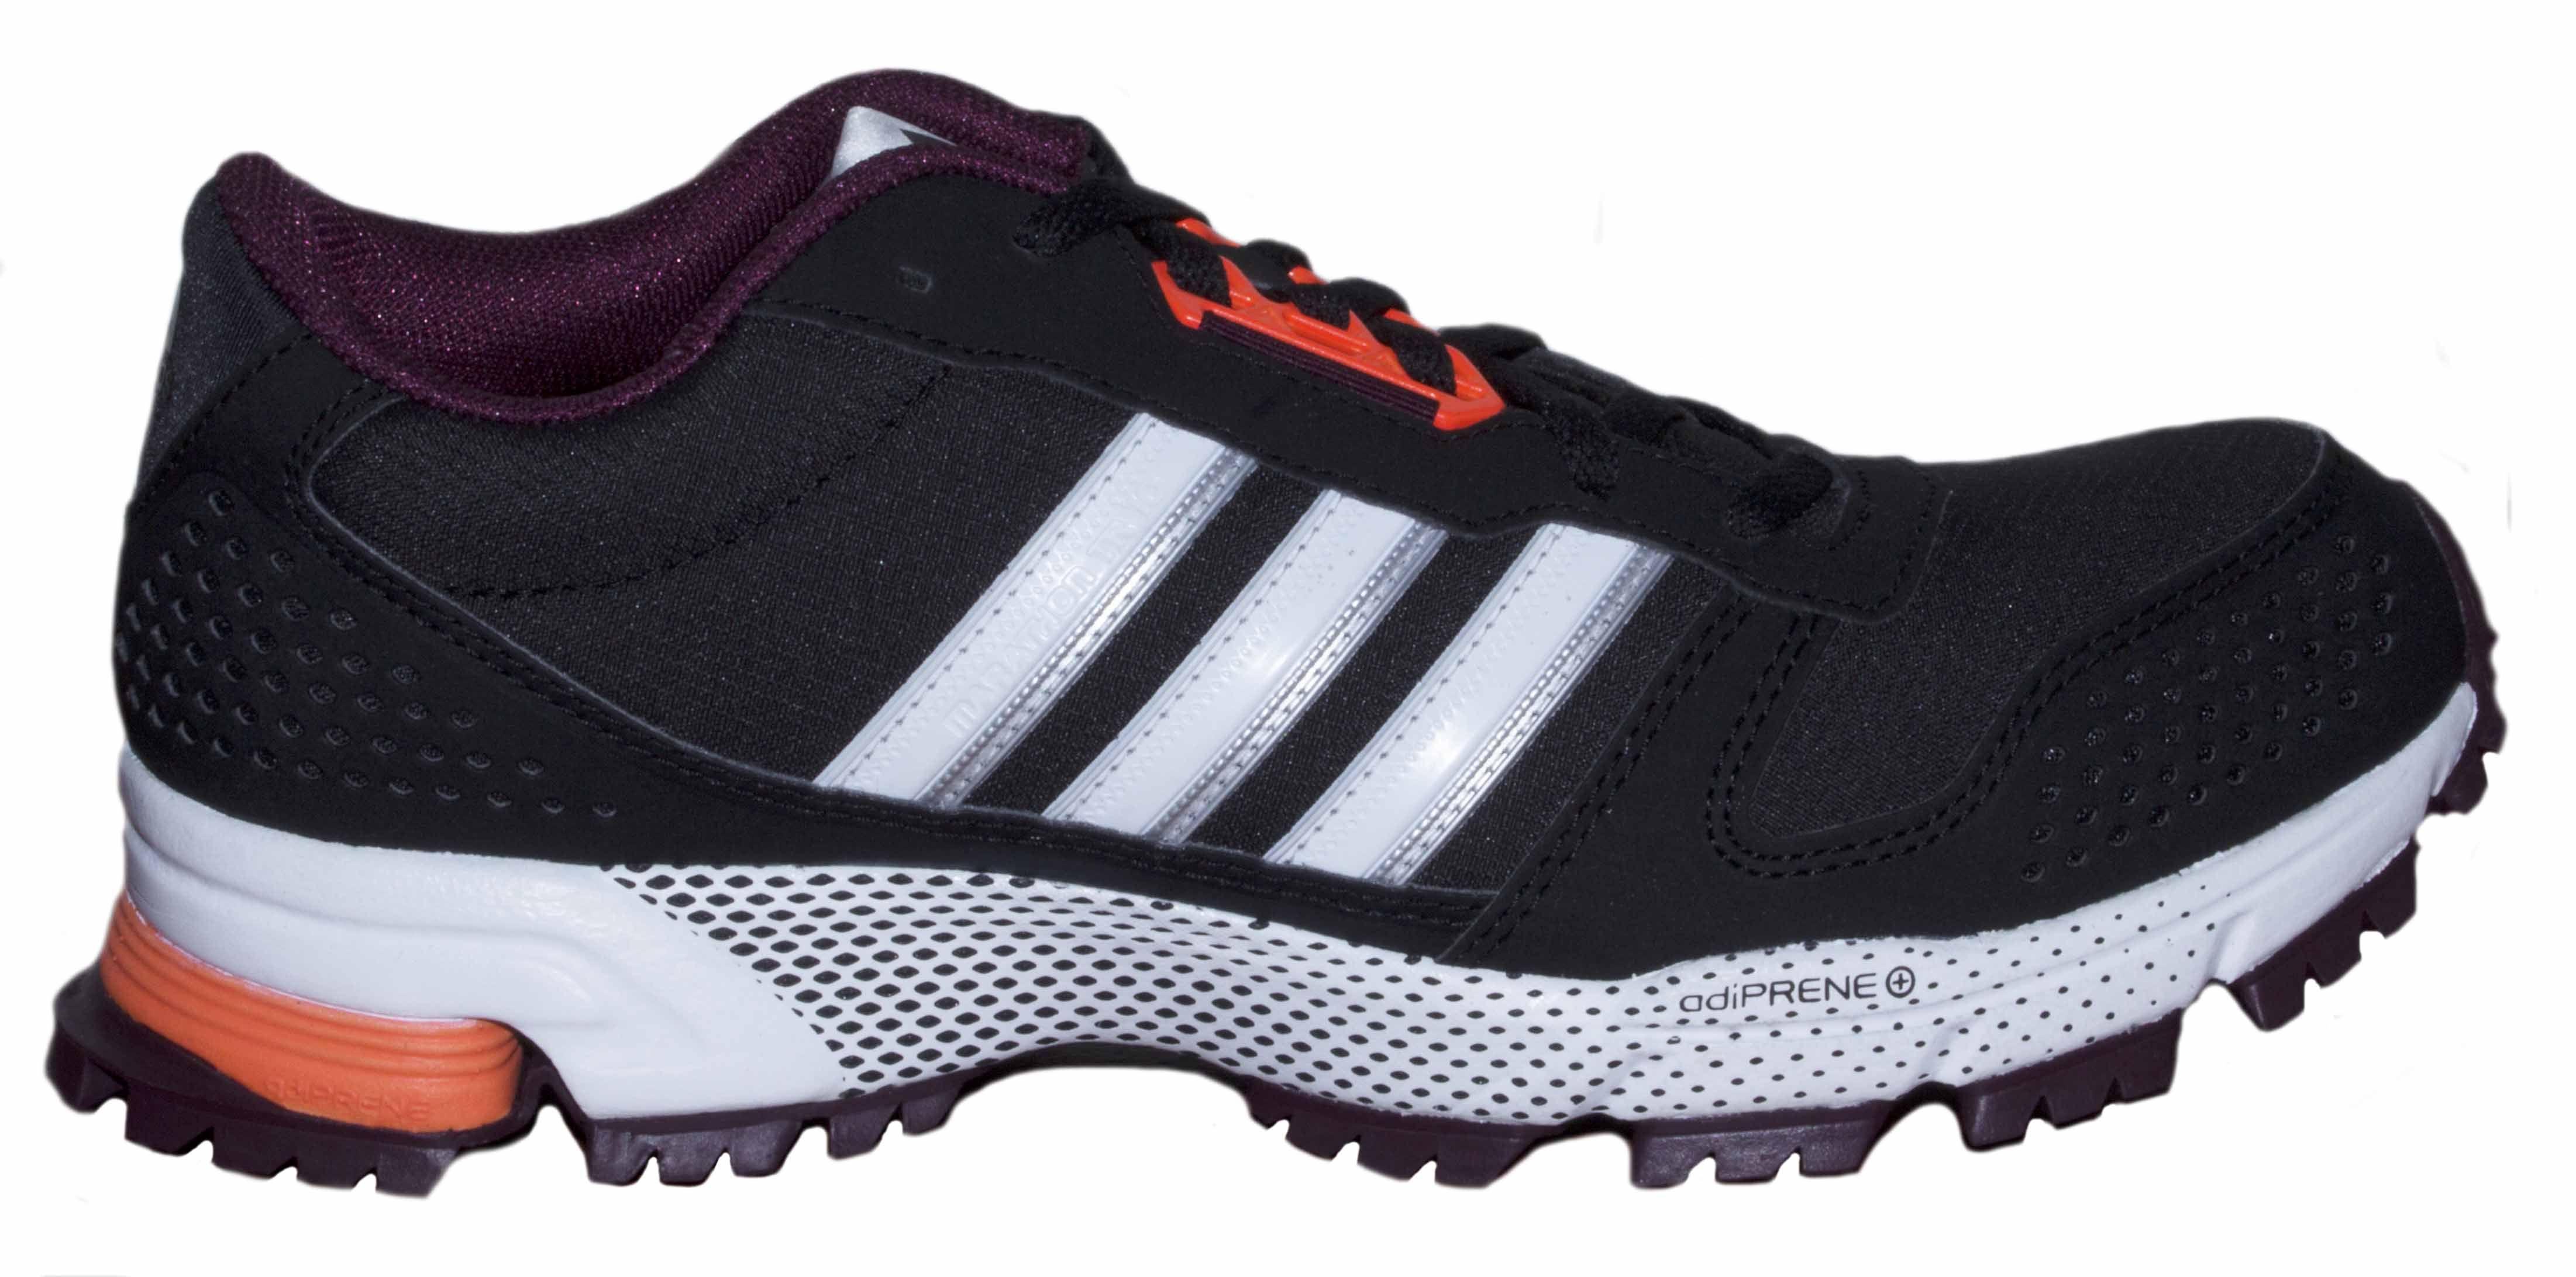 32c1815513aff Tenis Adidas  230.000 Encuéntralos en nuestra página web   www.imperialshop.co A solo un click para tenerlos en la puerta de tu casa  ENVIOS A TODA COLOMBIA